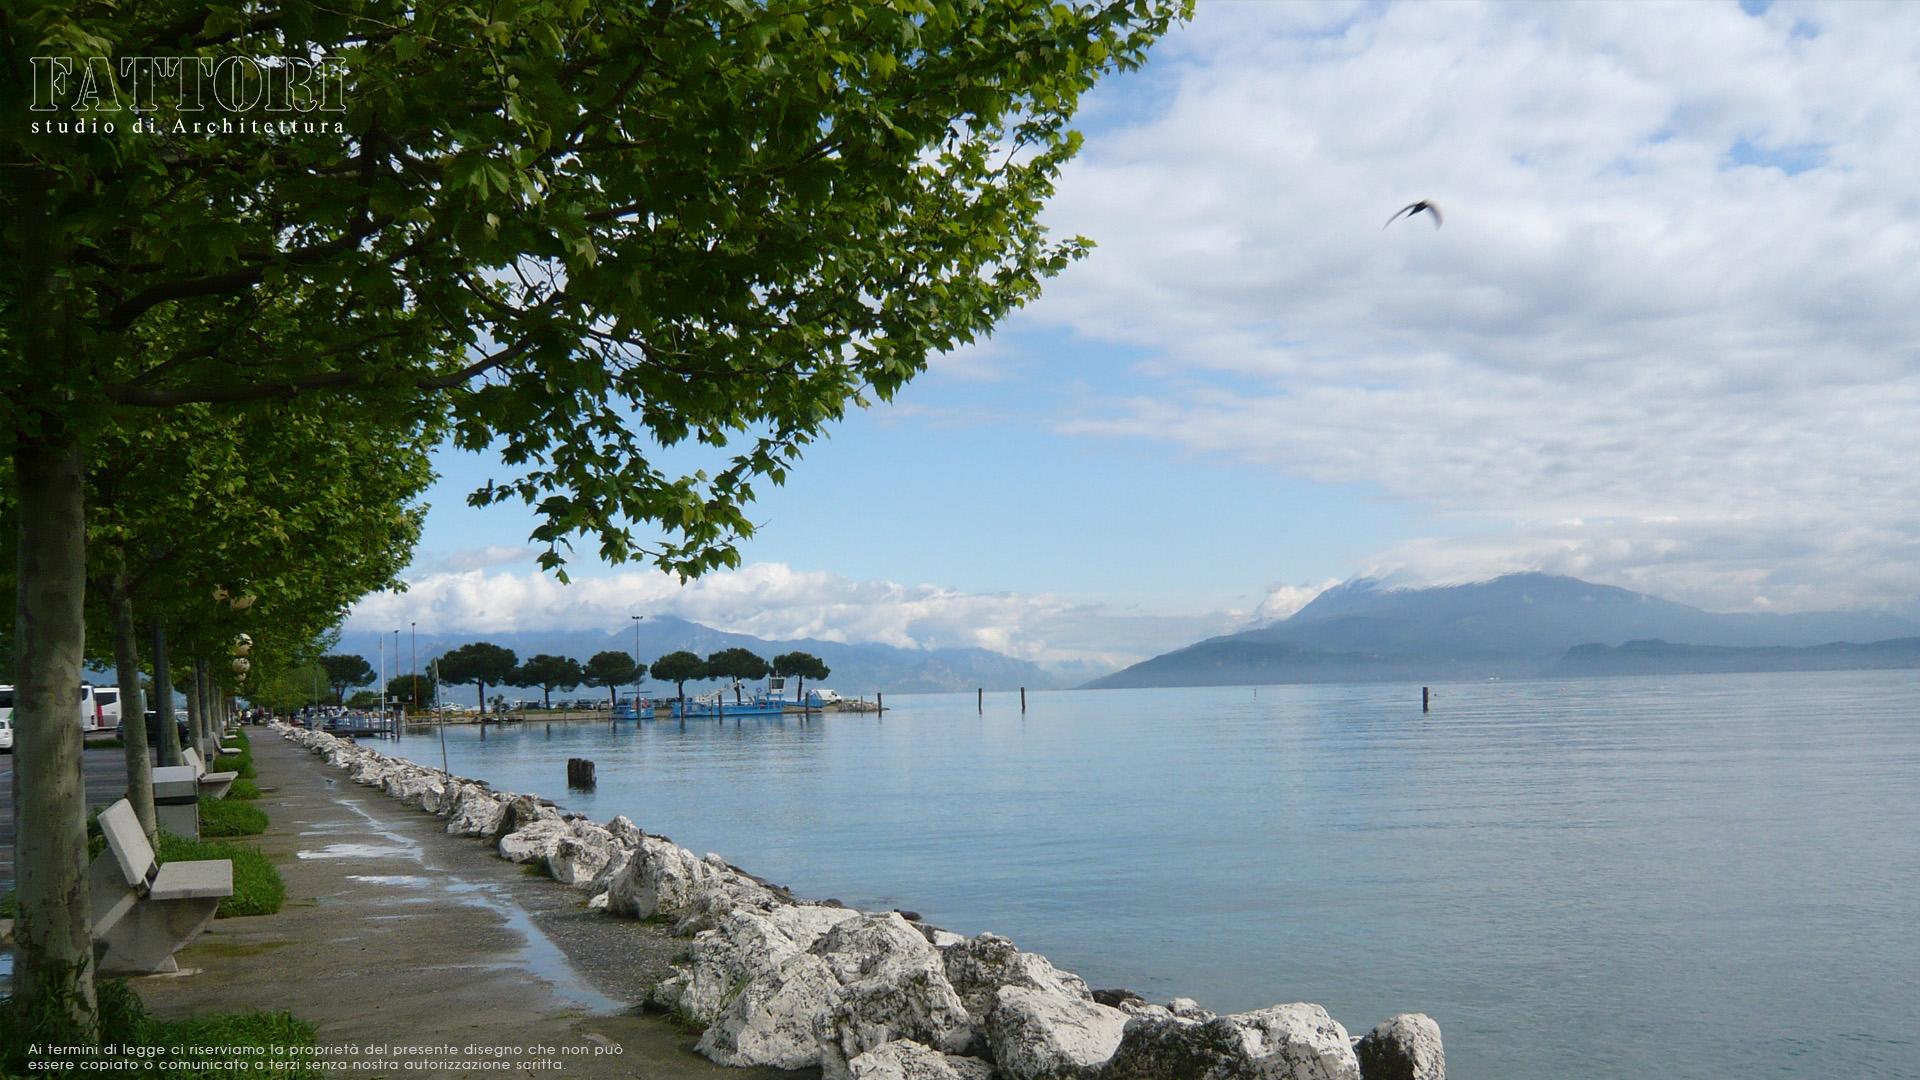 Studio di Architettura Fattori Fausto - Viabilità Sirmione il progetto - lungo lago Parcheggio Monte Baldo Sirmione